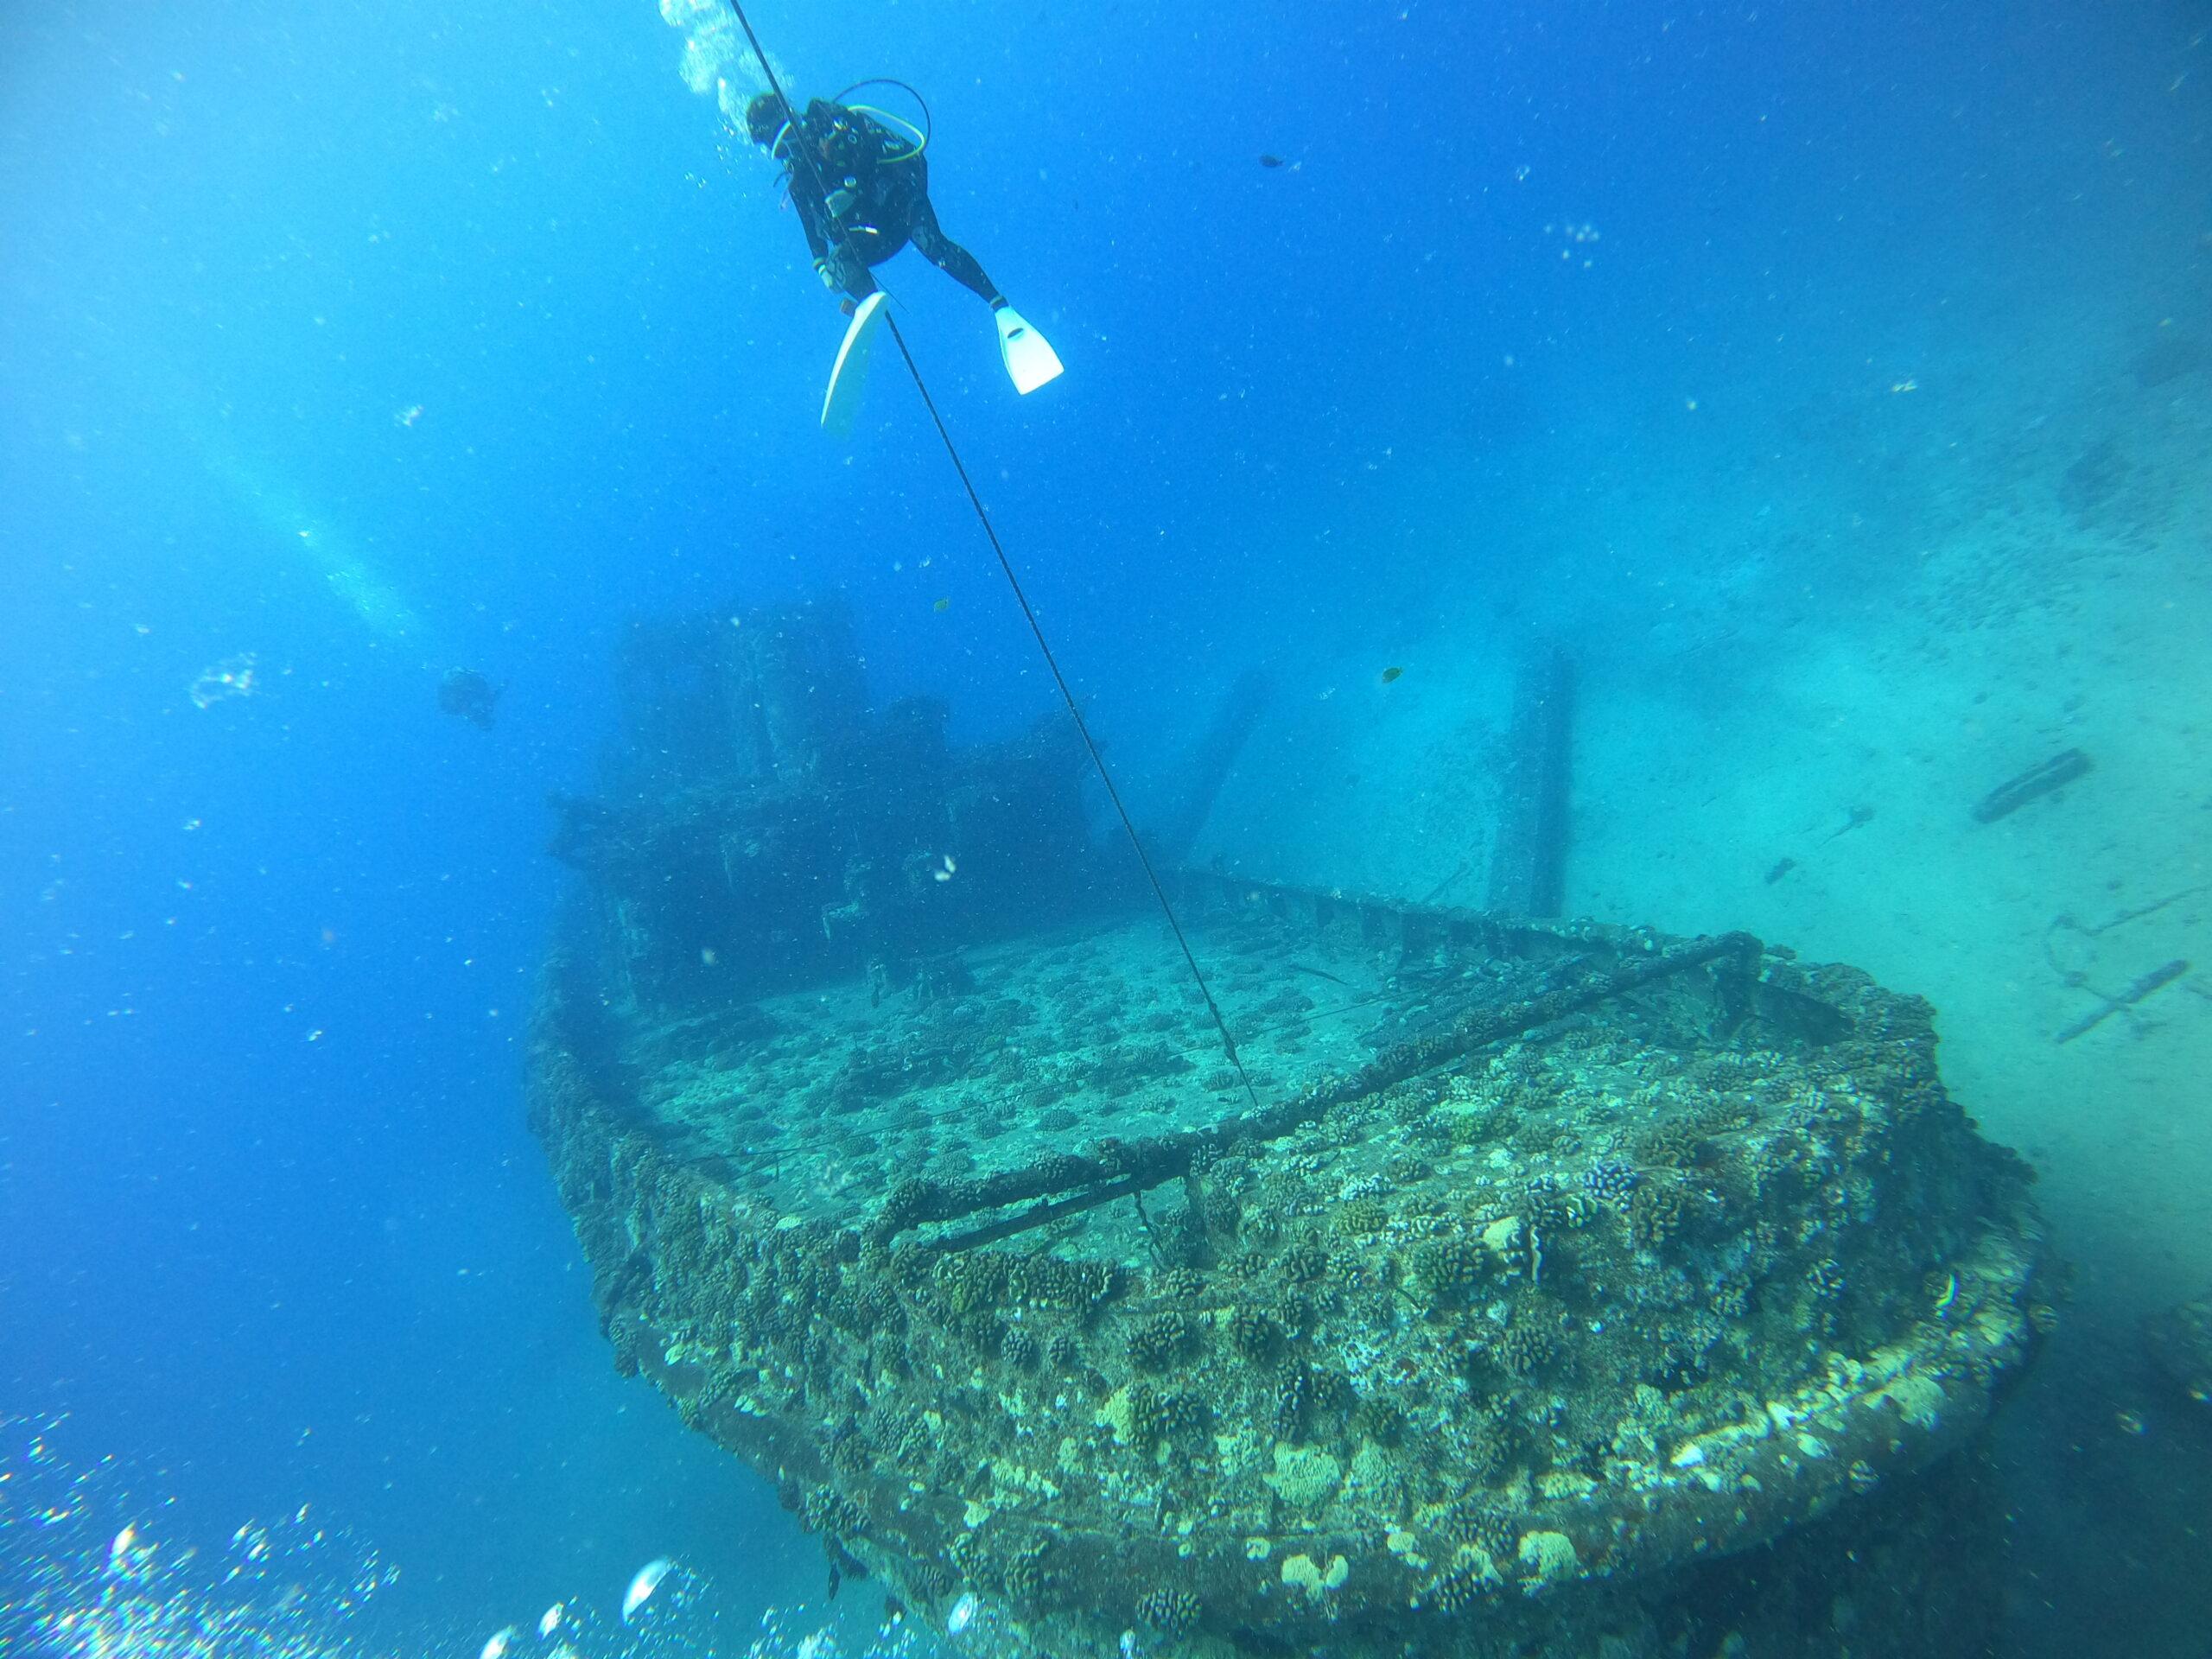 7月18日 クラブ活動 〜 パールハーバー沖でリーフ&沈船ダイビング!